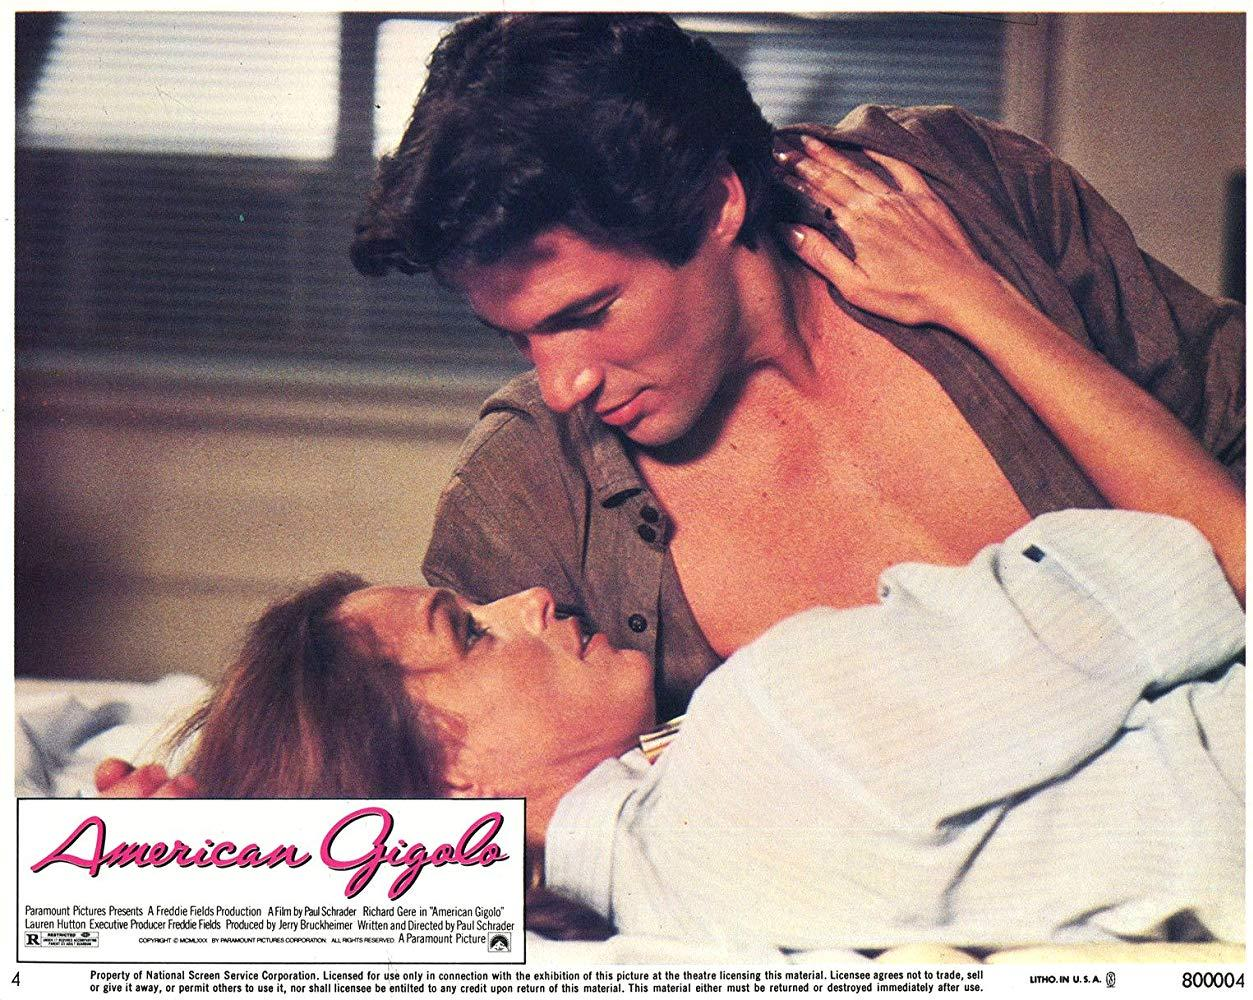 فيلم American Gigolo 1980 مترجم (للكبار فقط)